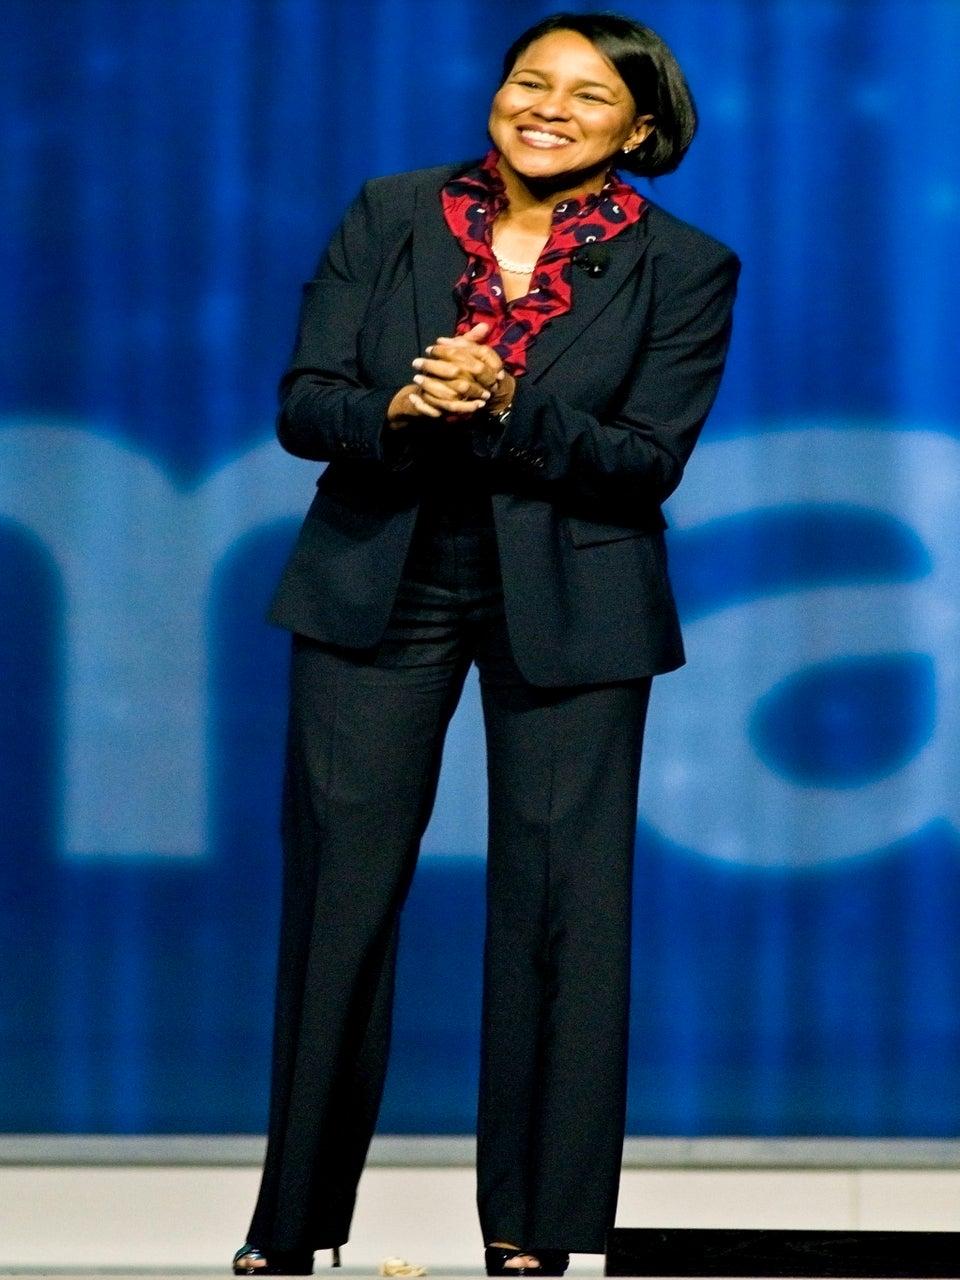 Fortune Magazine Hosts Most Power Women Speaker Series Featuring Sam's Club CEO Rosalind Brewer